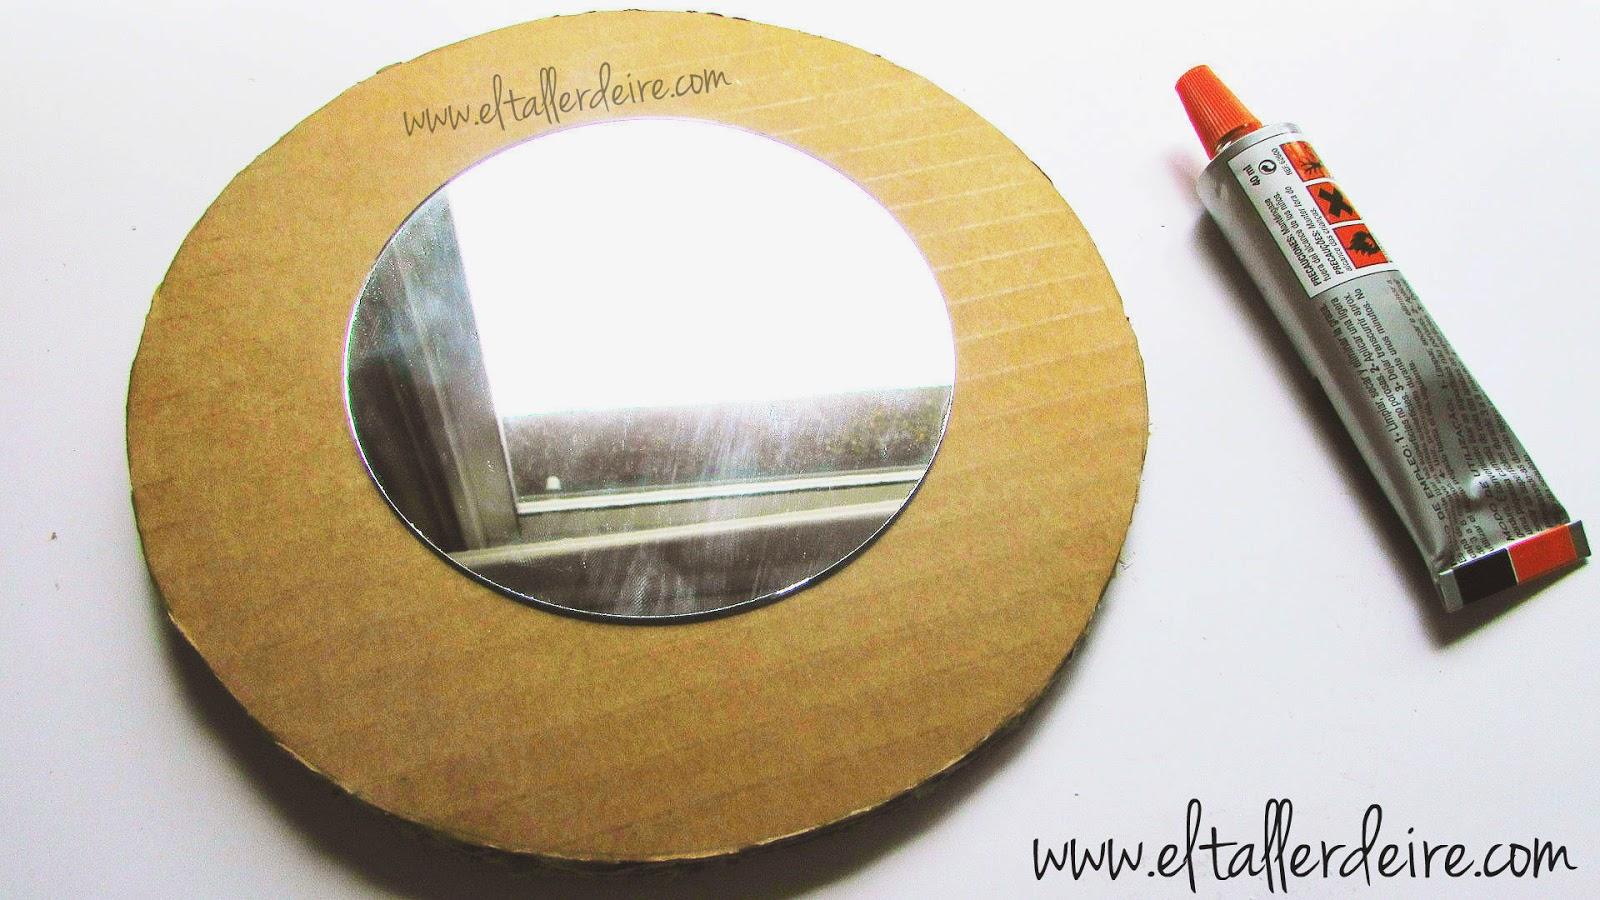 C mo hacer marcos de espejos con conchas el taller de ire for Como decorar un espejo rectangular sin marco